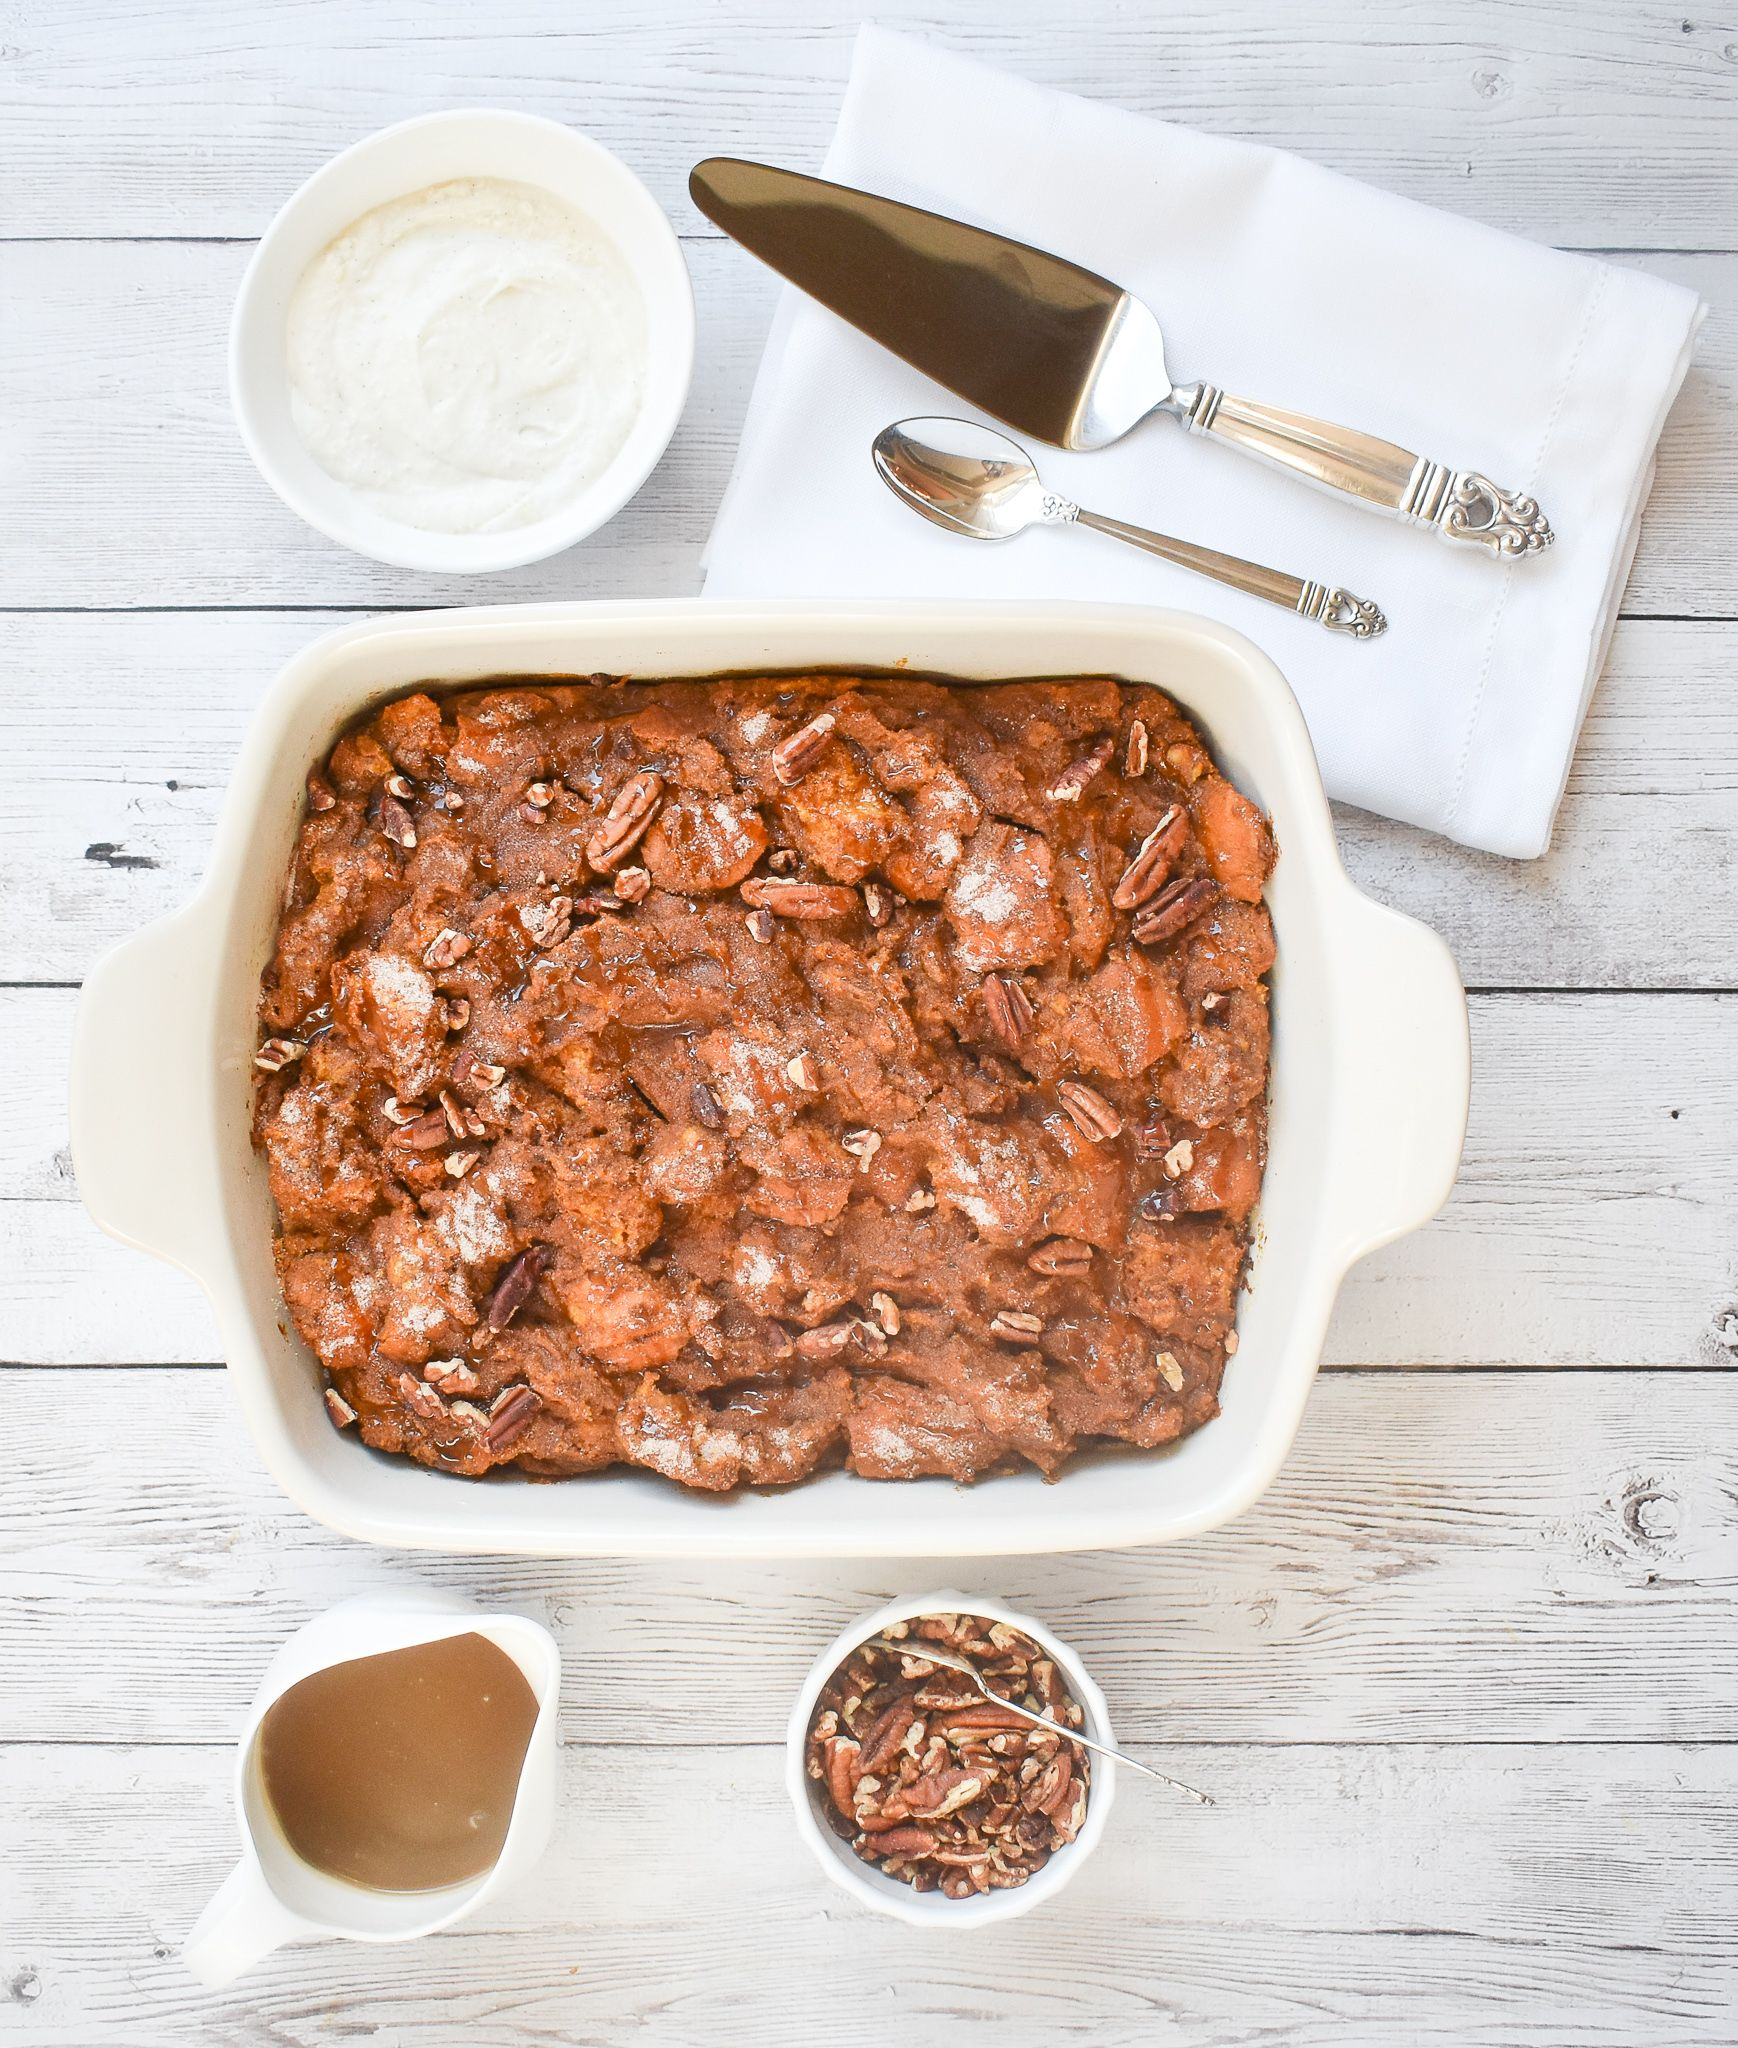 Lowfodmap pumpkin bread pudding with lowfodmap caramel